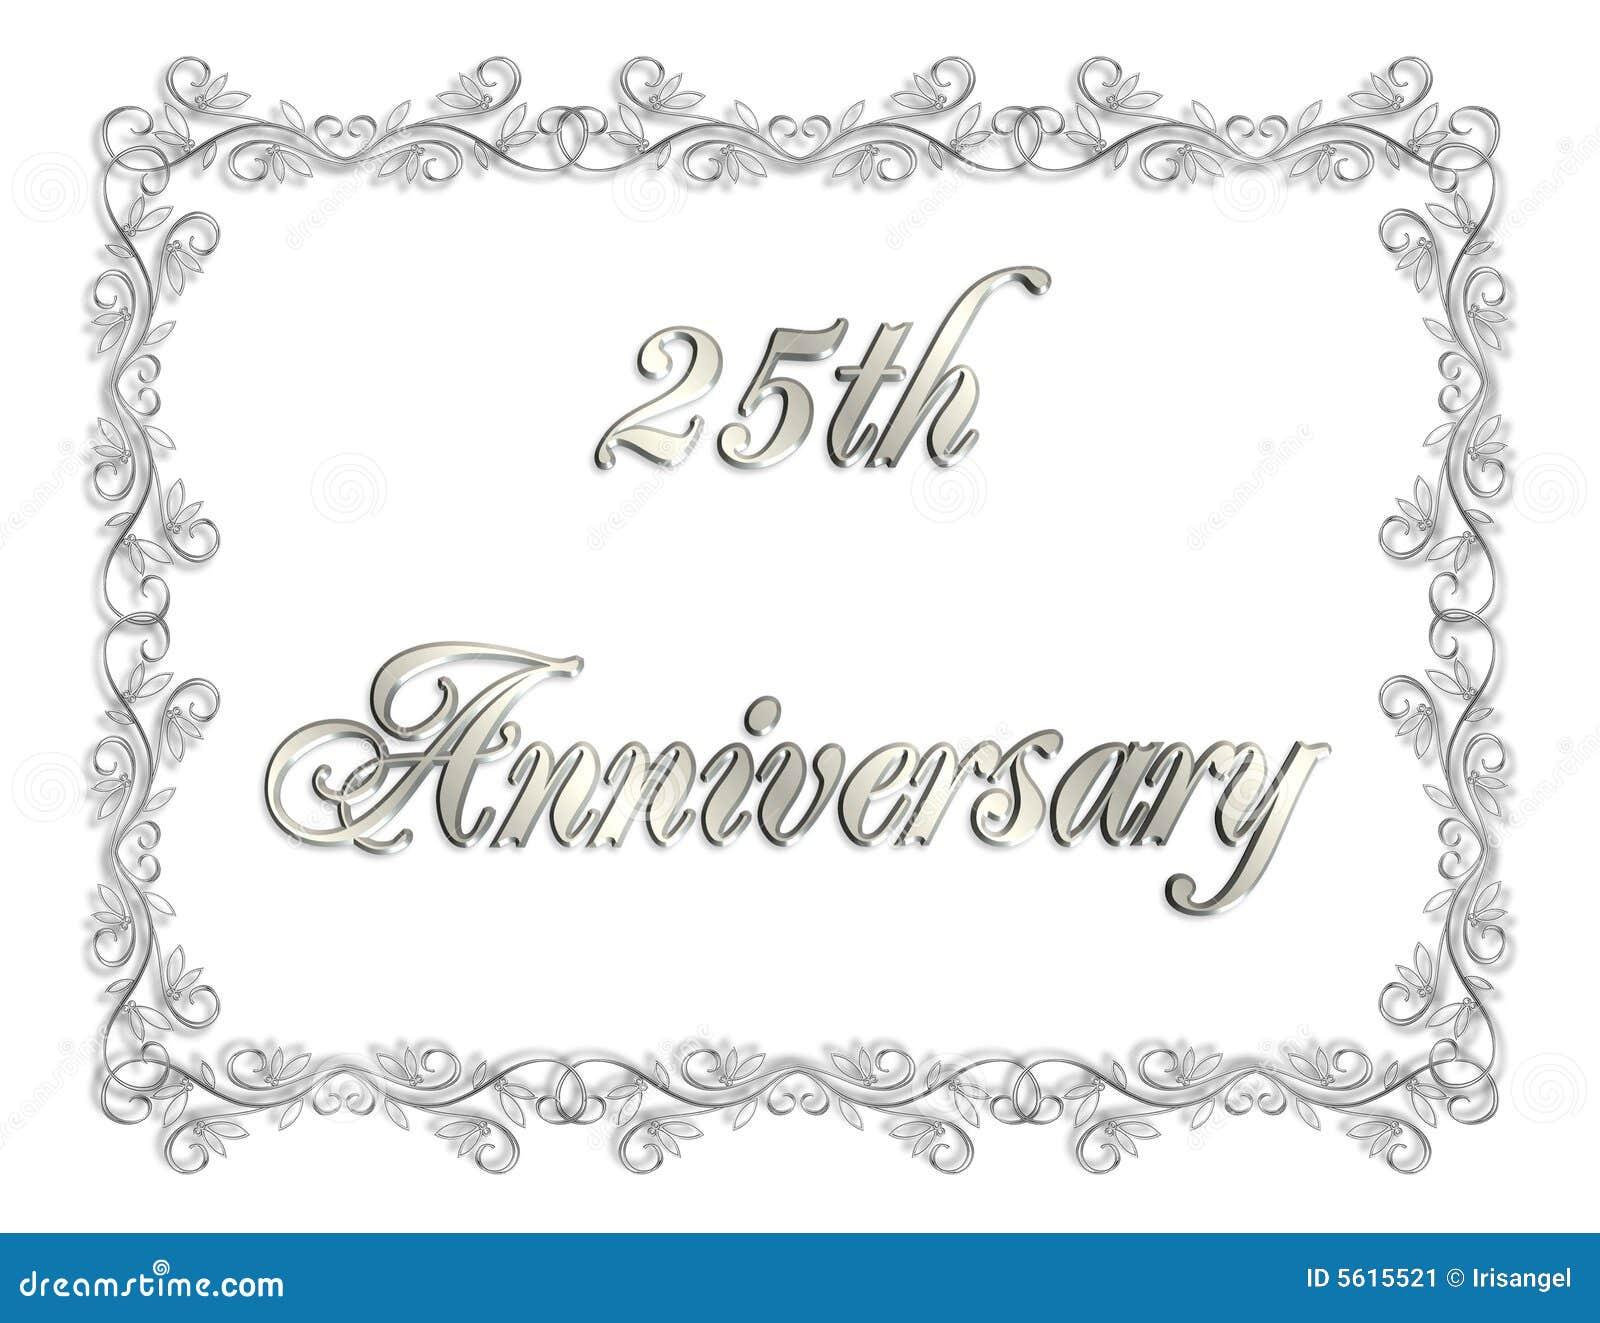 25th anniversary invitation 3d illustration stock illustration